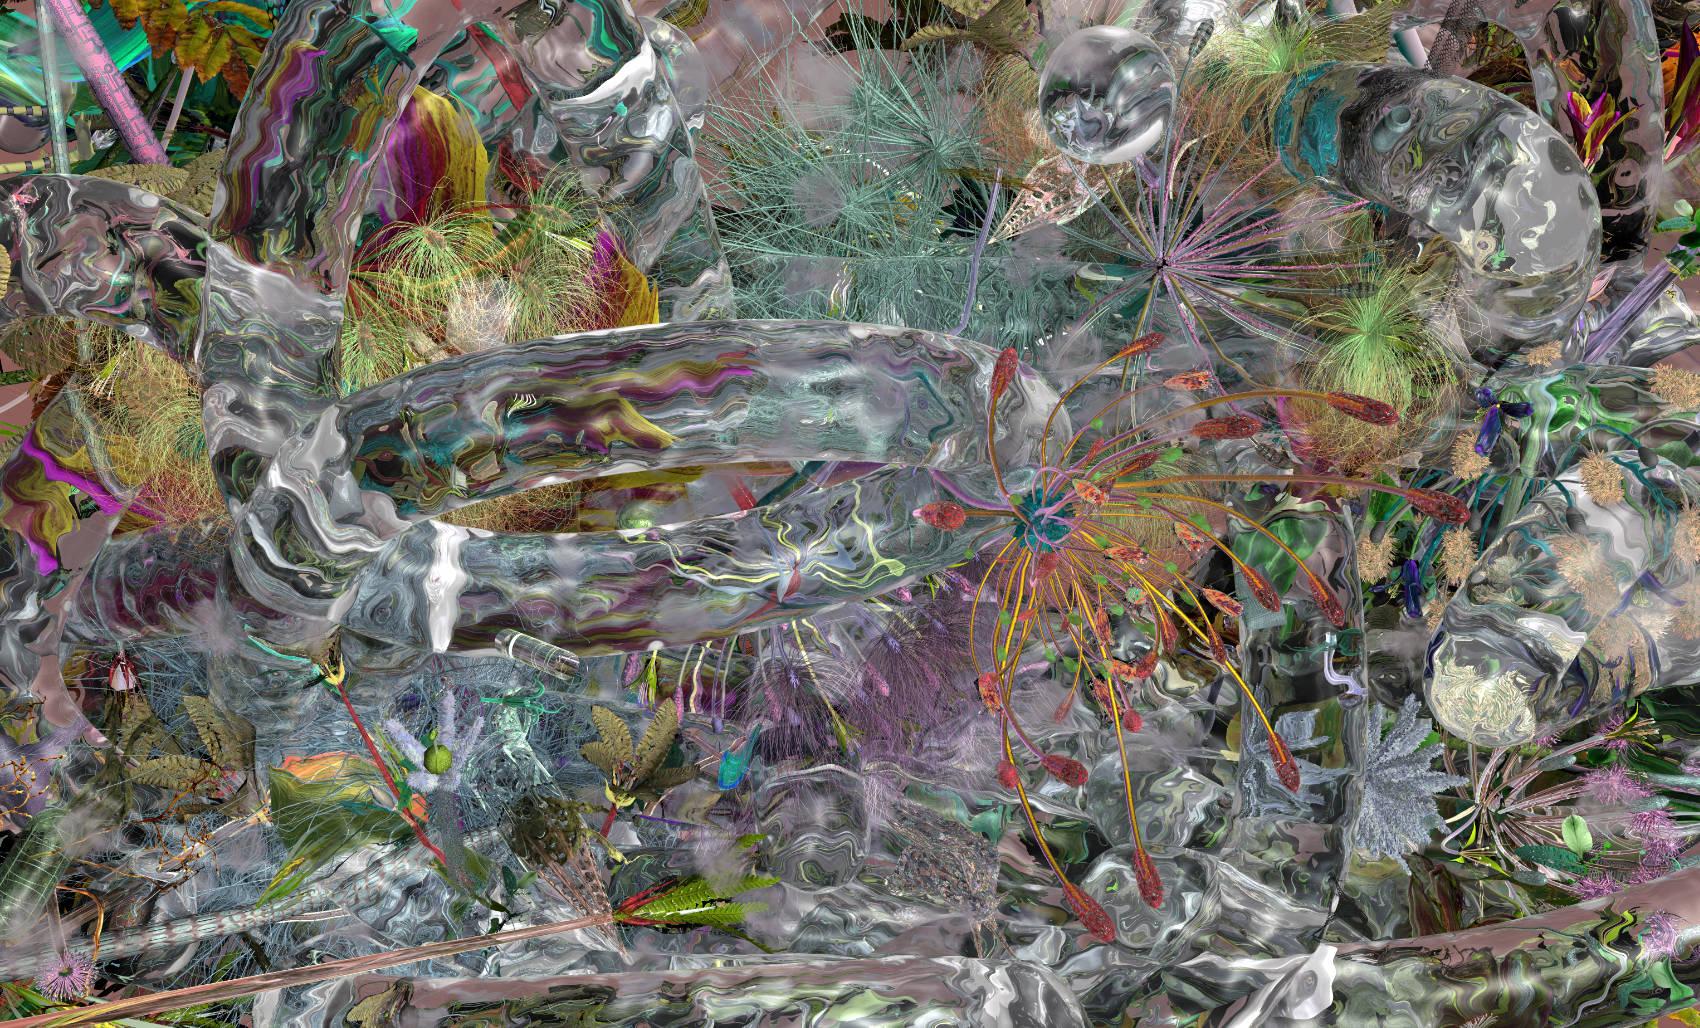 Phytotron 7, 2011, C-Print, 125 x 207 cm